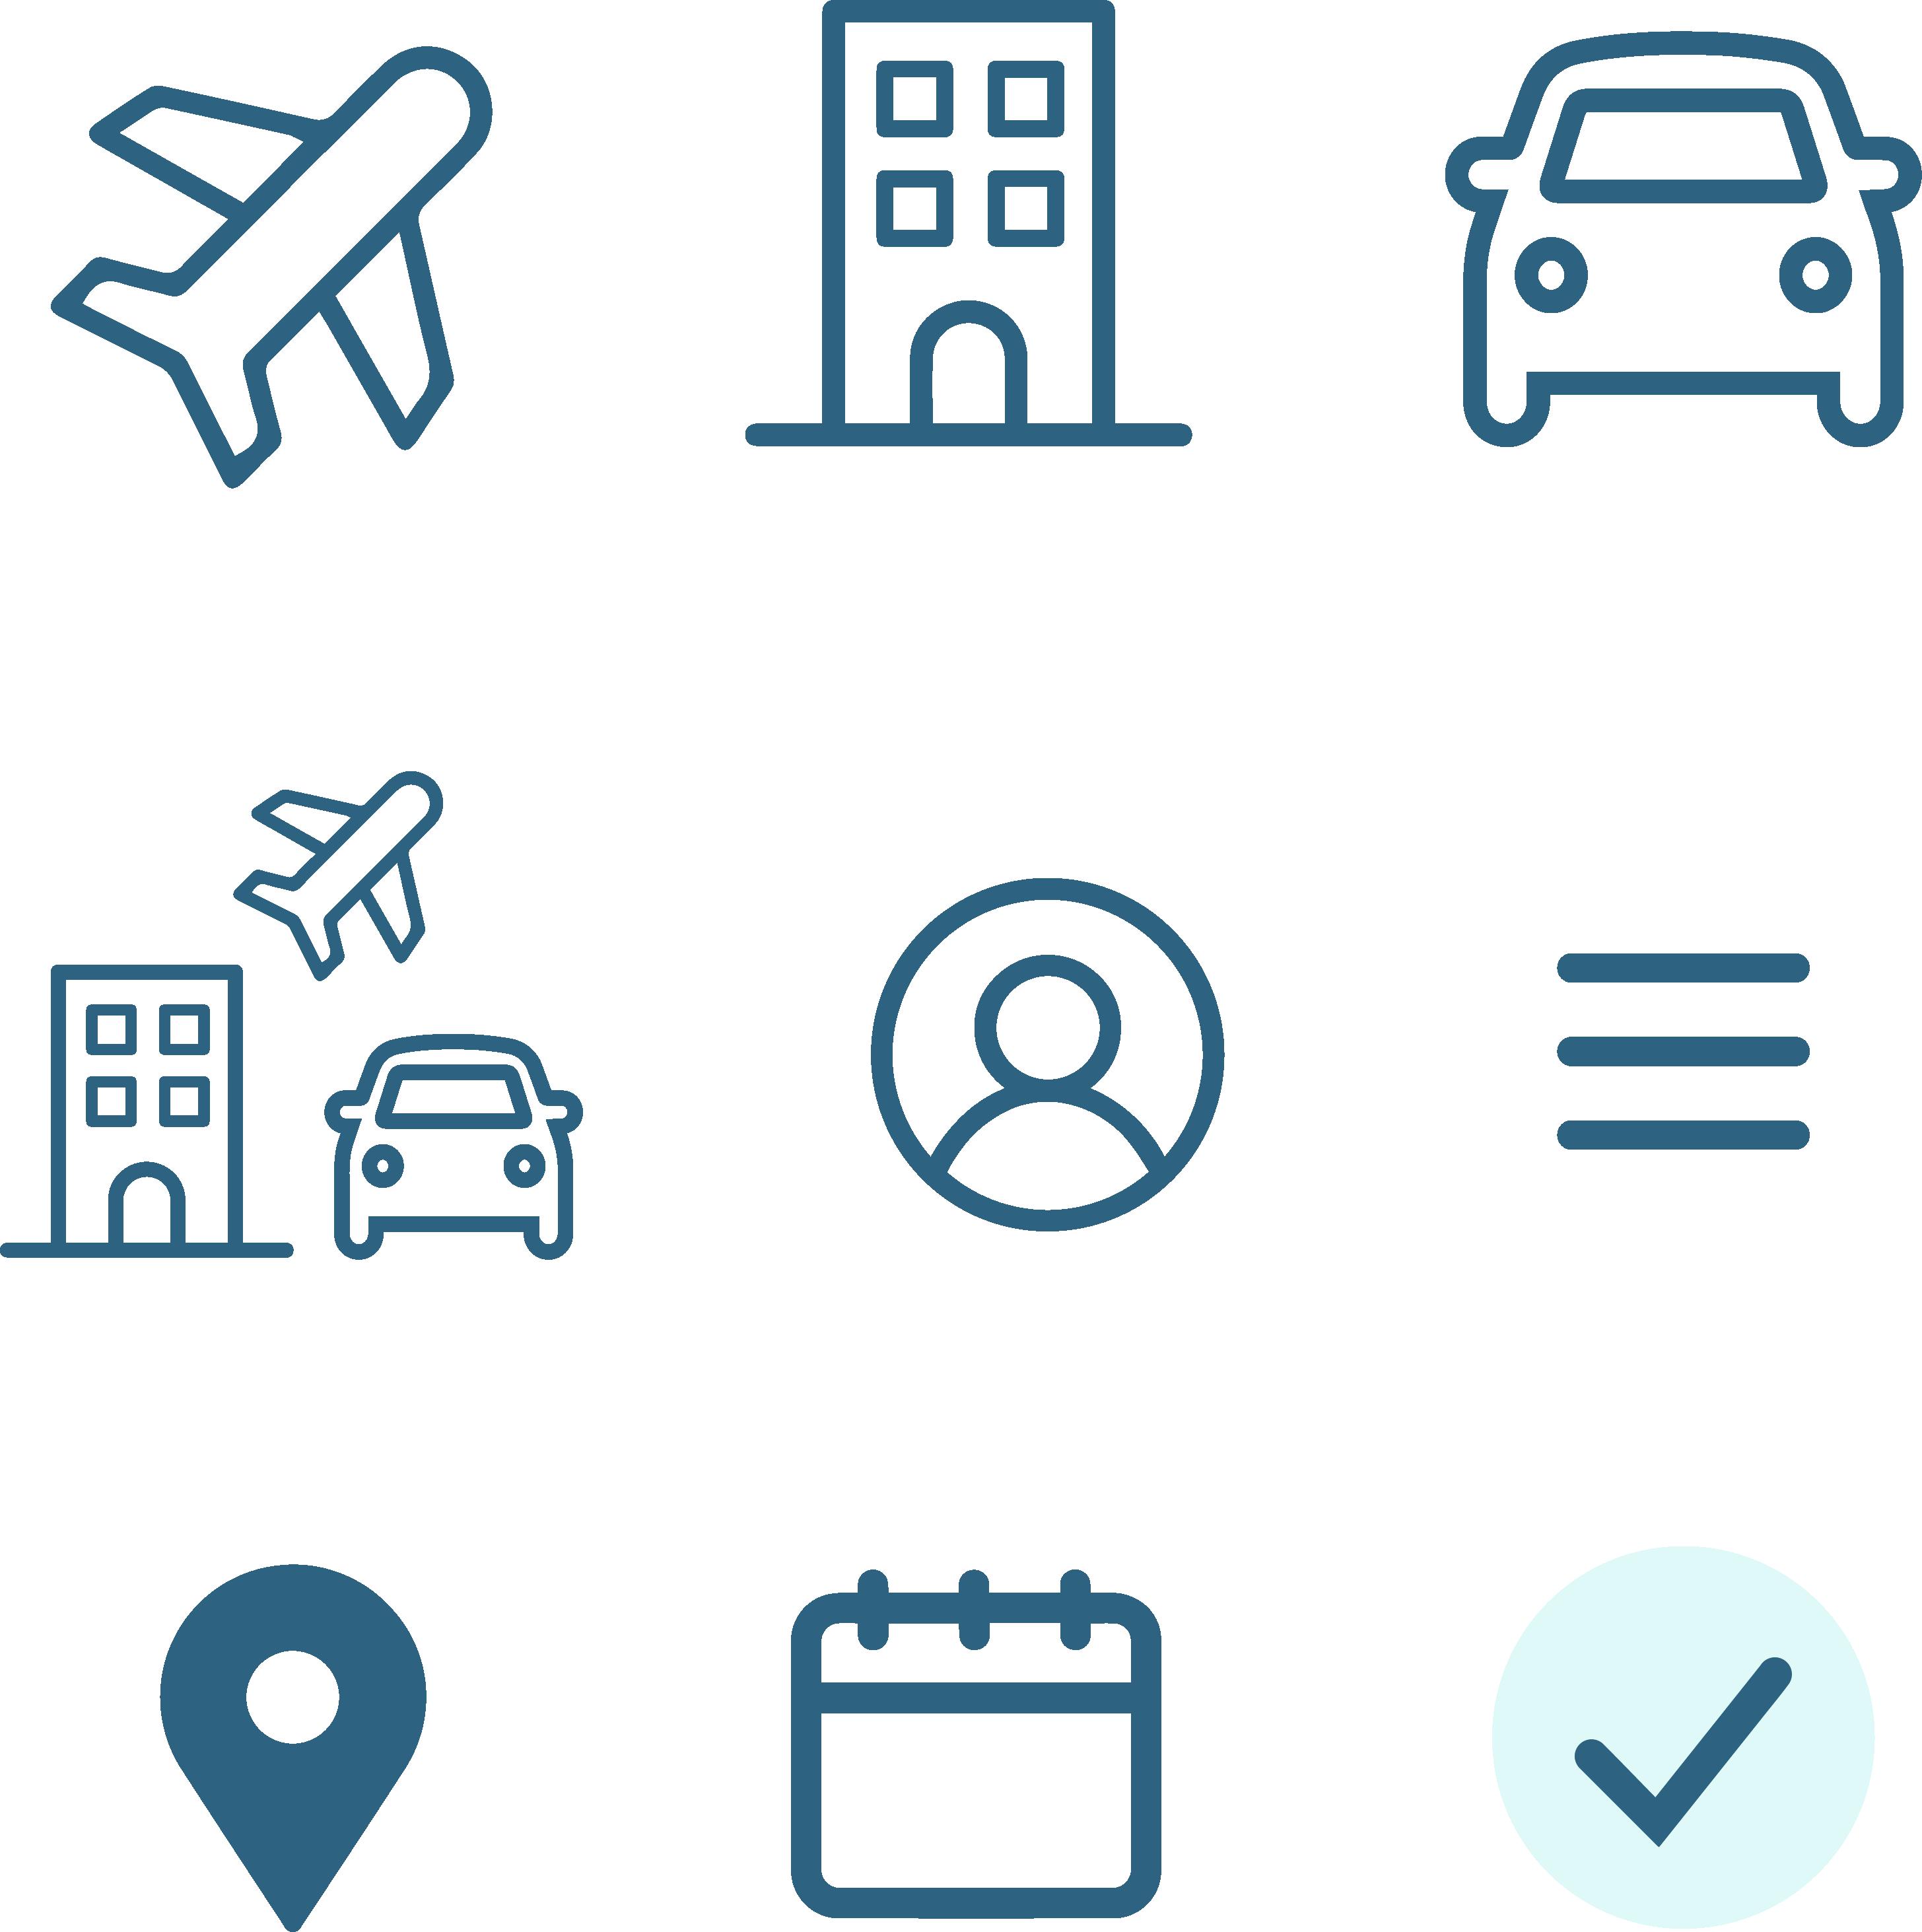 airport-hotel-car-account-hamburger menu-location pin-calendar-check mark icons